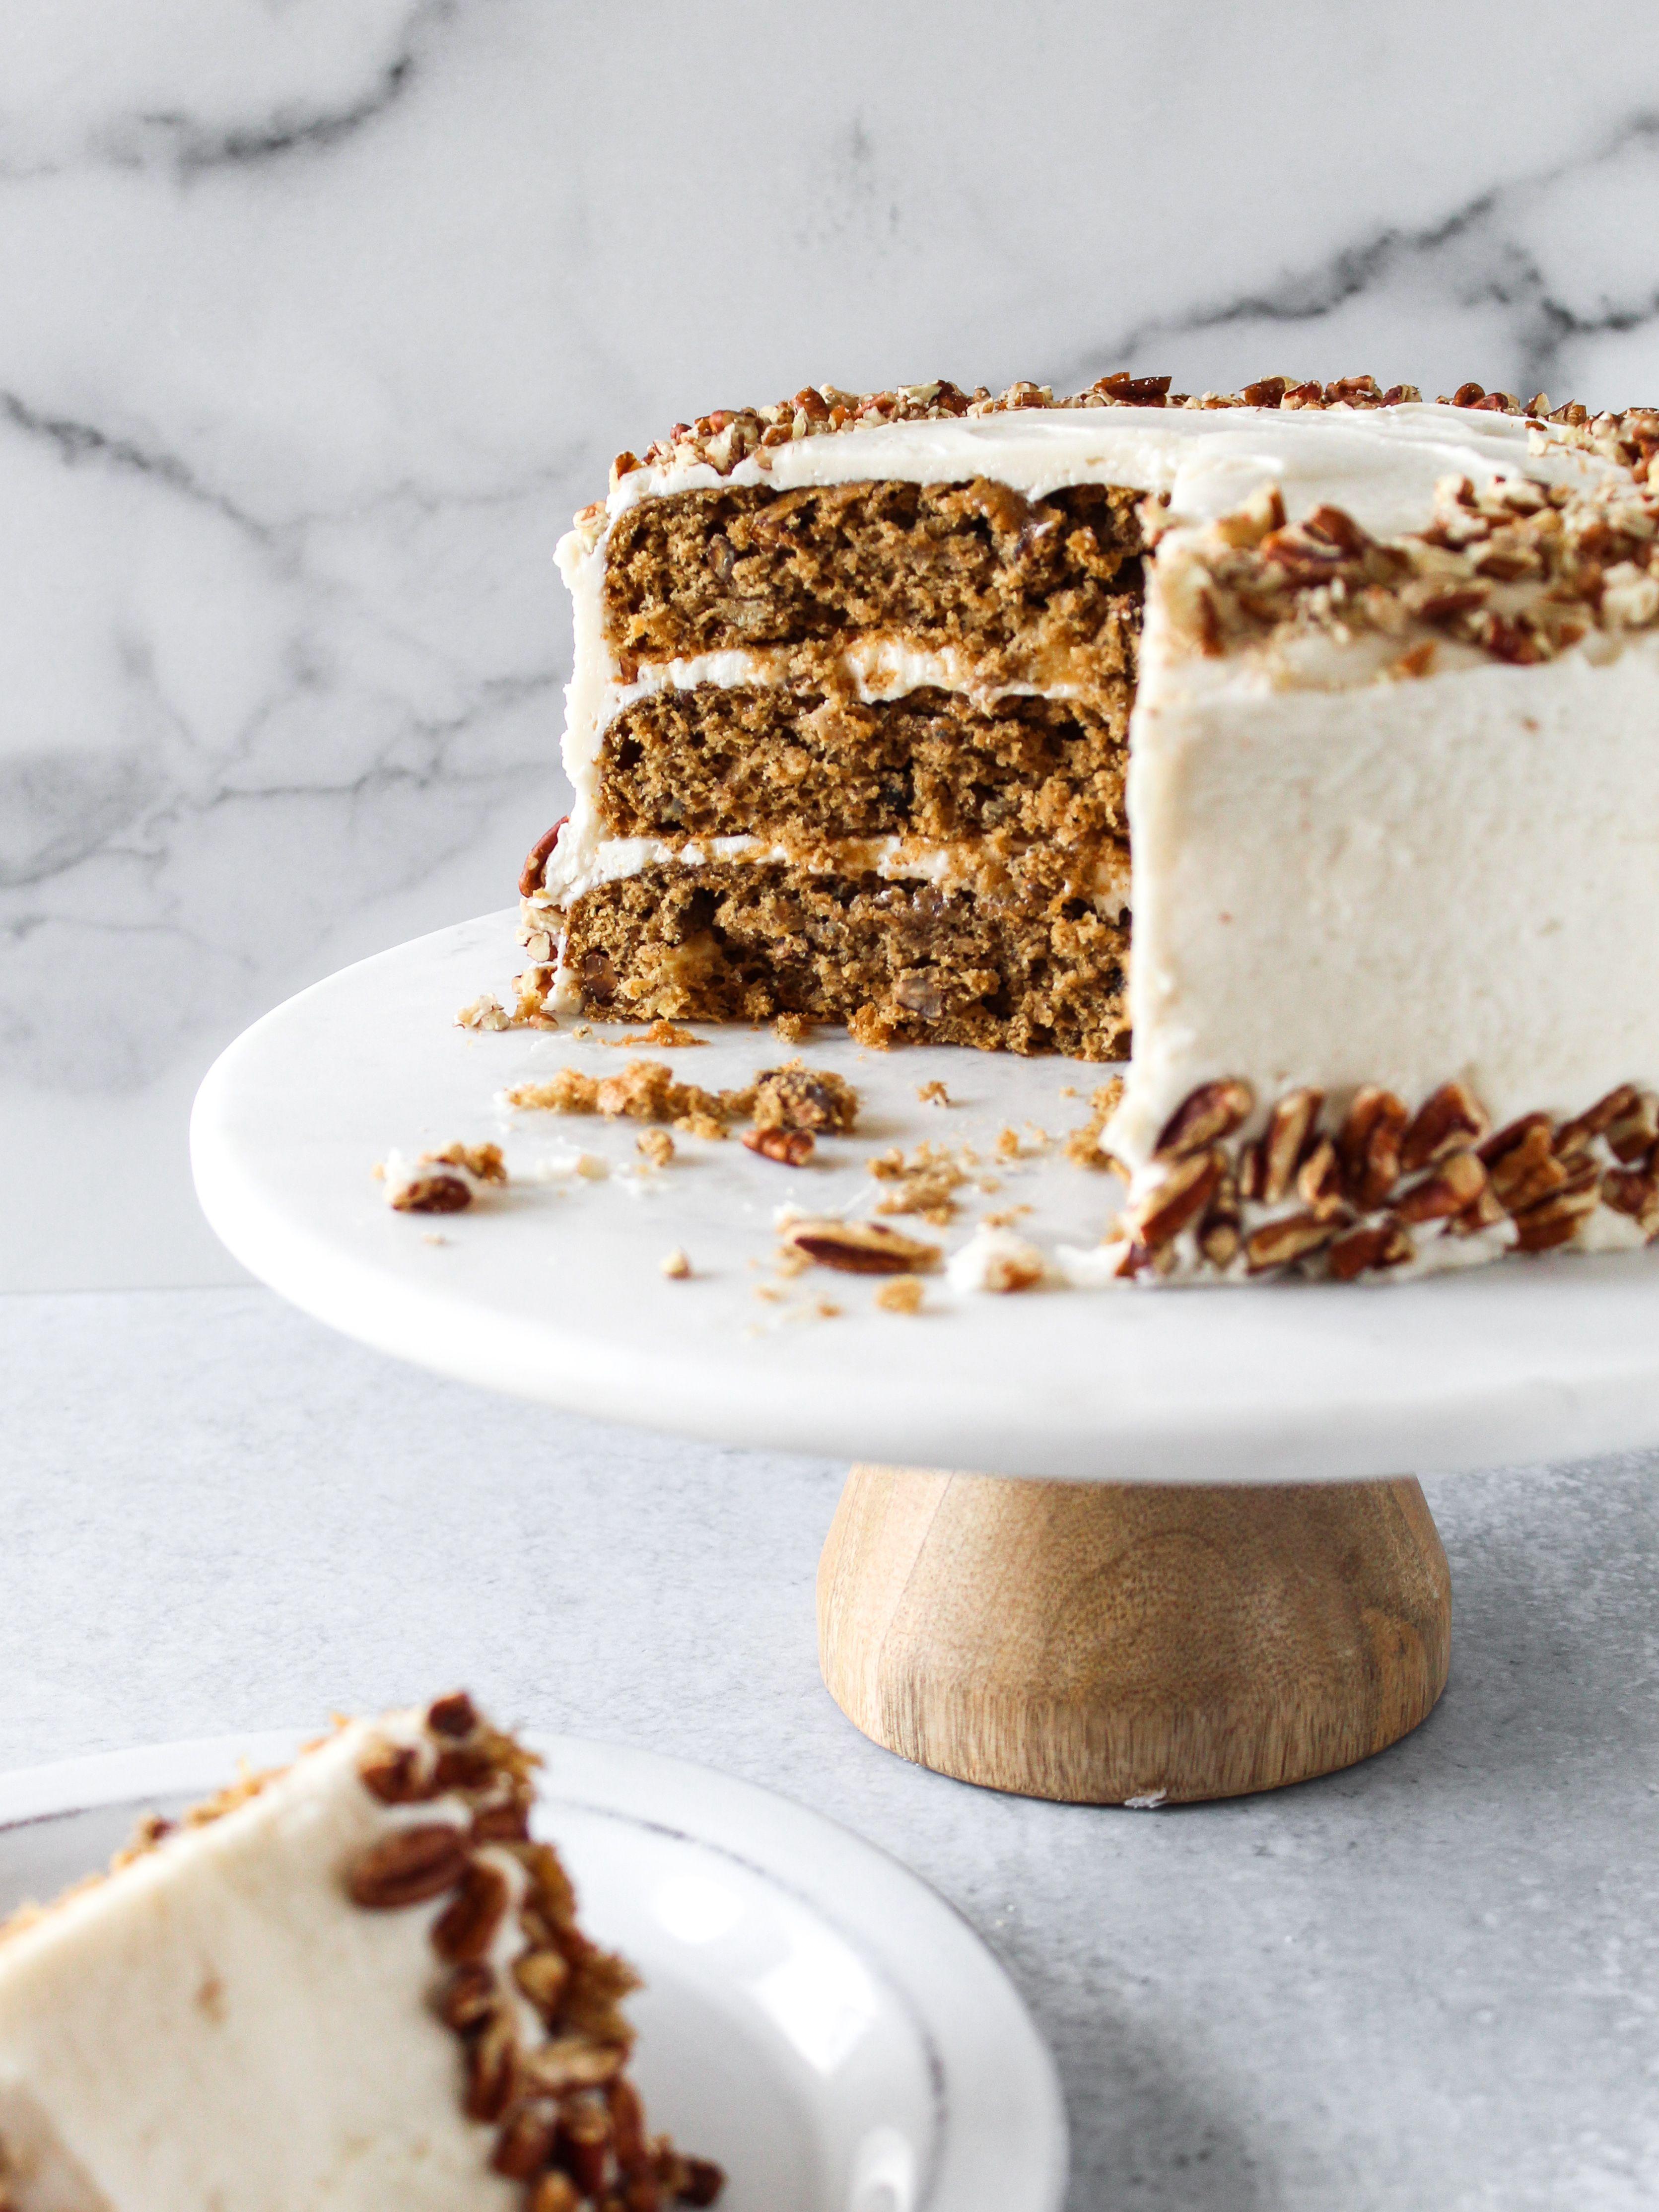 Hummingbird Cake With Vegan Cream Cheese Frosting Vegan Cream Cheese Frosting Hummingbird Cake Vegan Cream Cheese